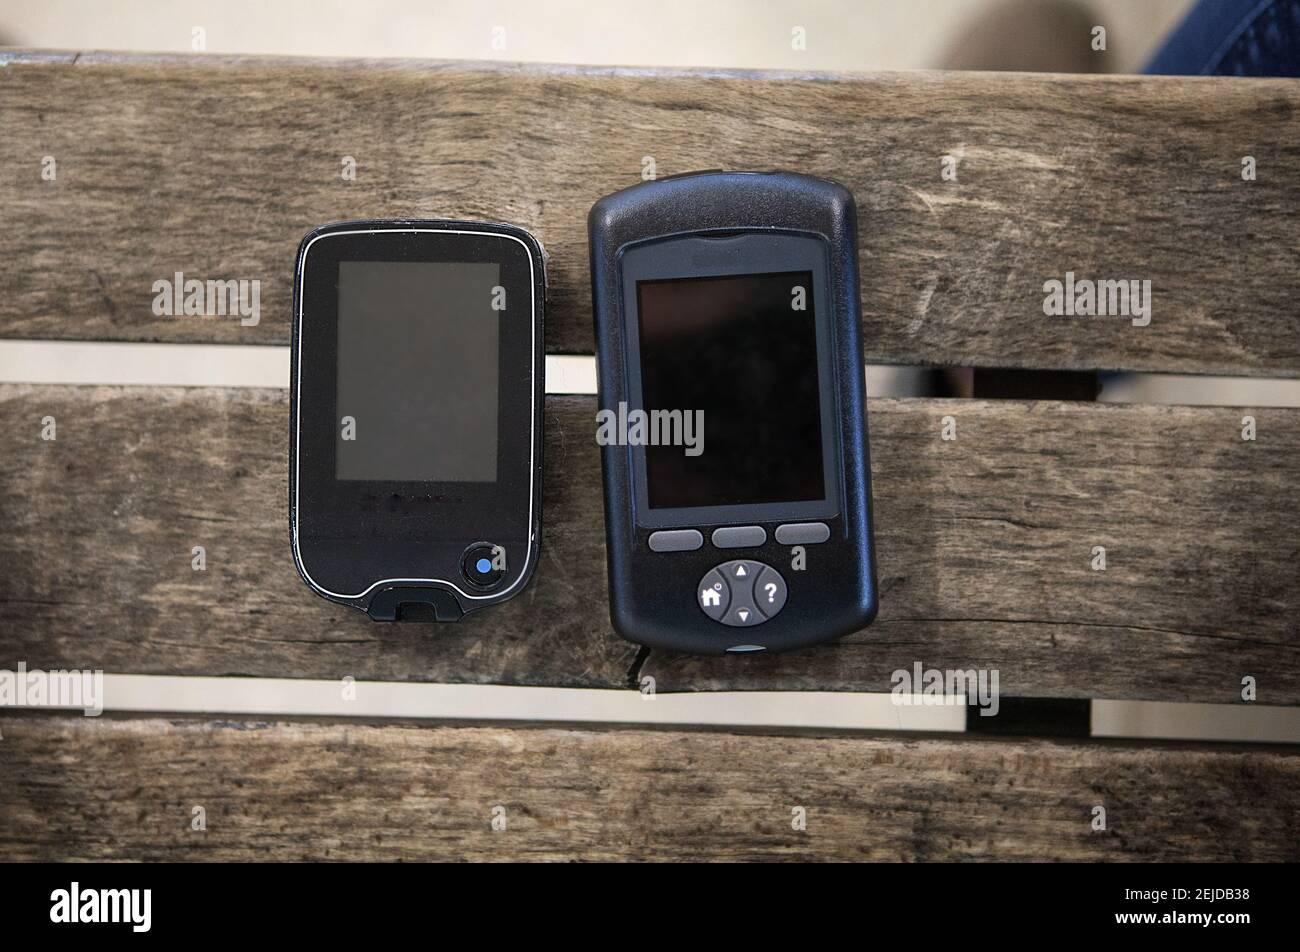 Blutzuckersensor zur Kontrolle des Blutzuckers und eine Insulinpumpe zur Insulinabgabe. Stockfoto